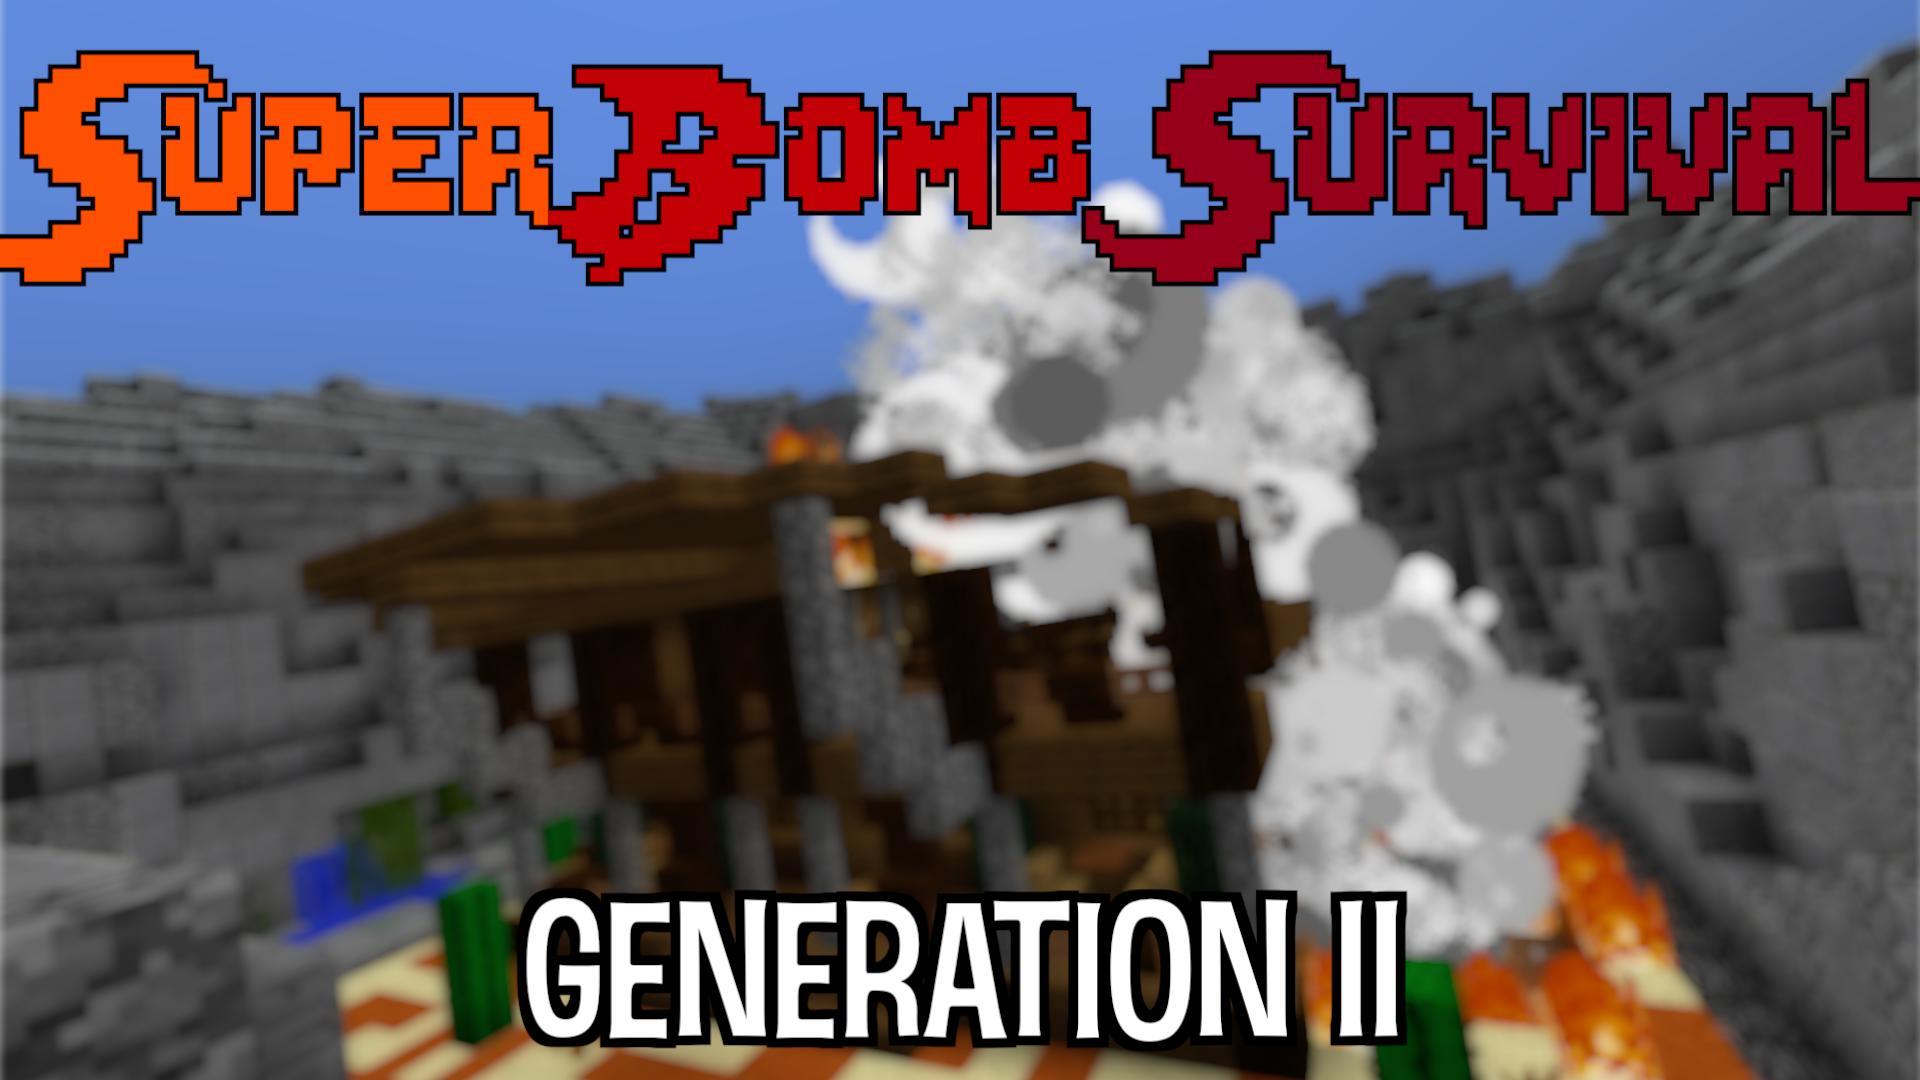 Super Bomb Survival Generation II скриншо т1